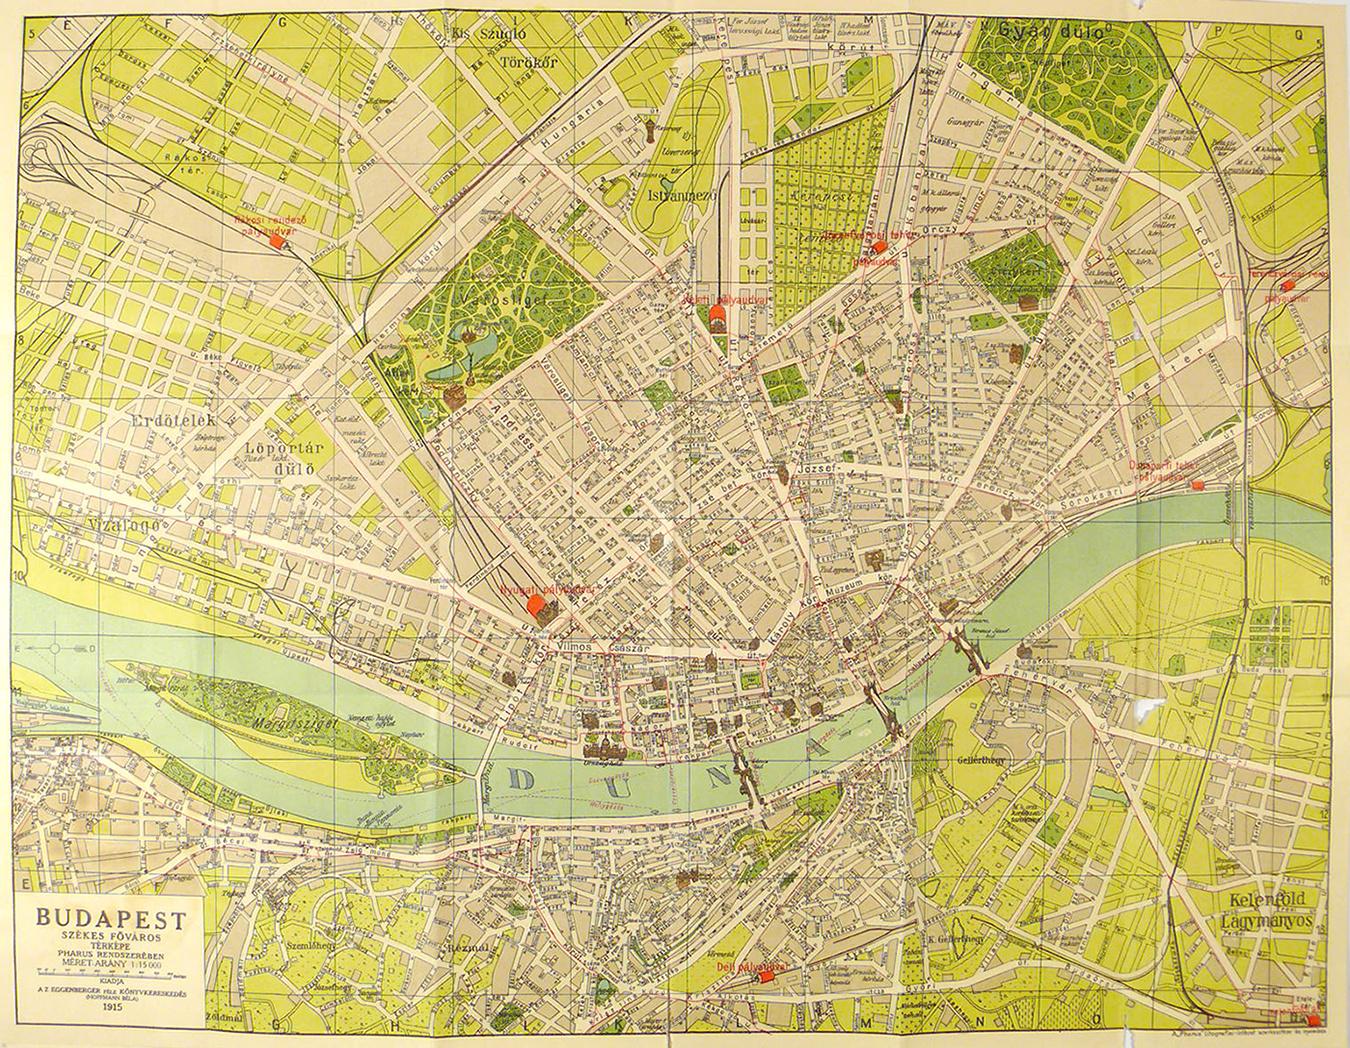 budapest térkép házszámokkal Budapest székesfőváros és környékének legujabb nagy térképe  budapest térkép házszámokkal